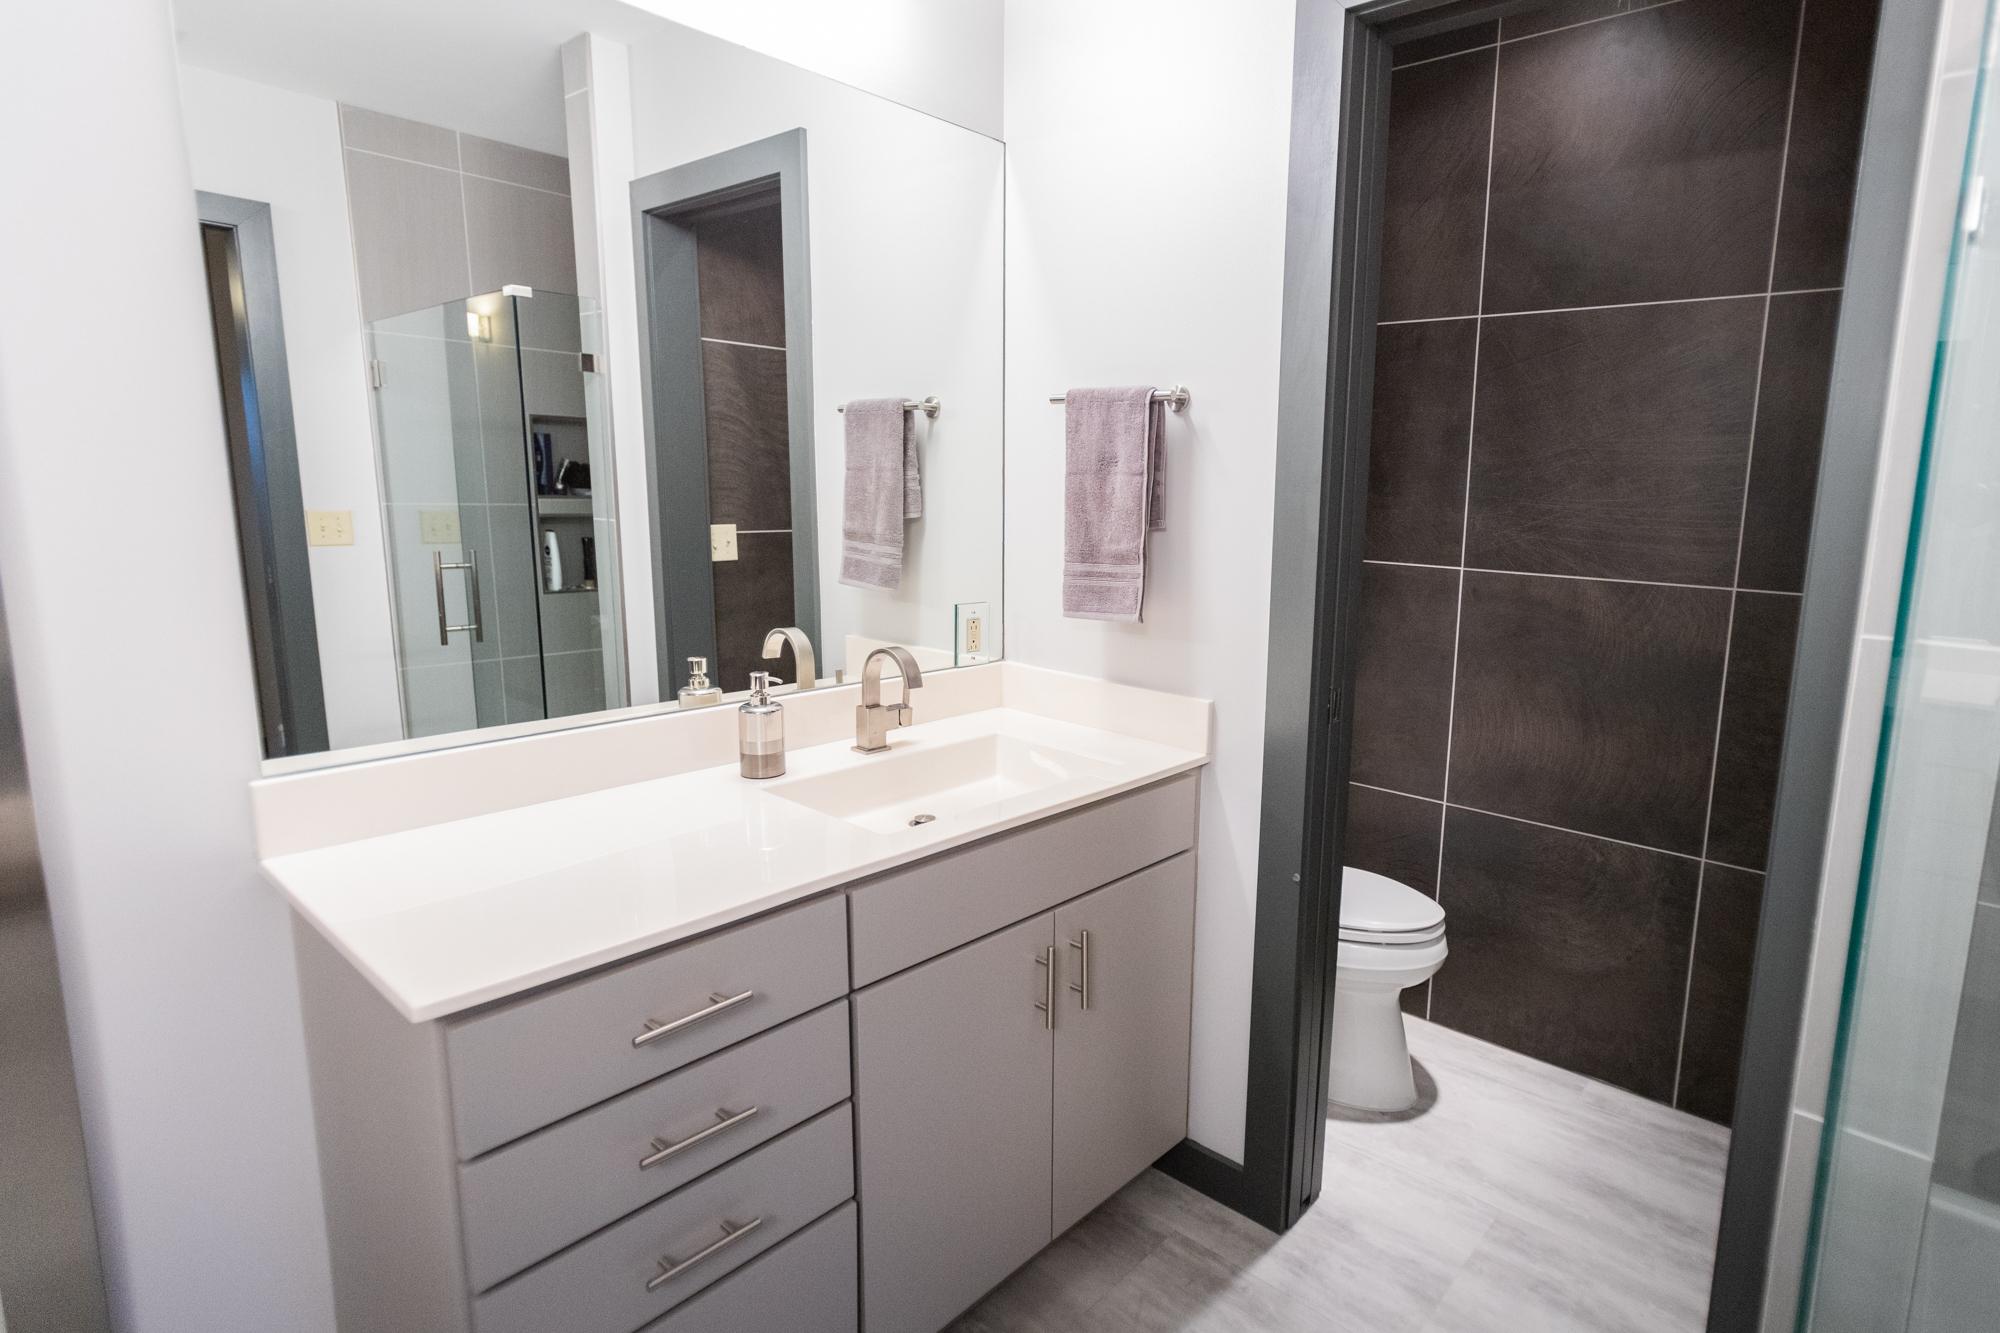 bathroom remodel in Wichita, KS - Pinnacle Homes, Inc.